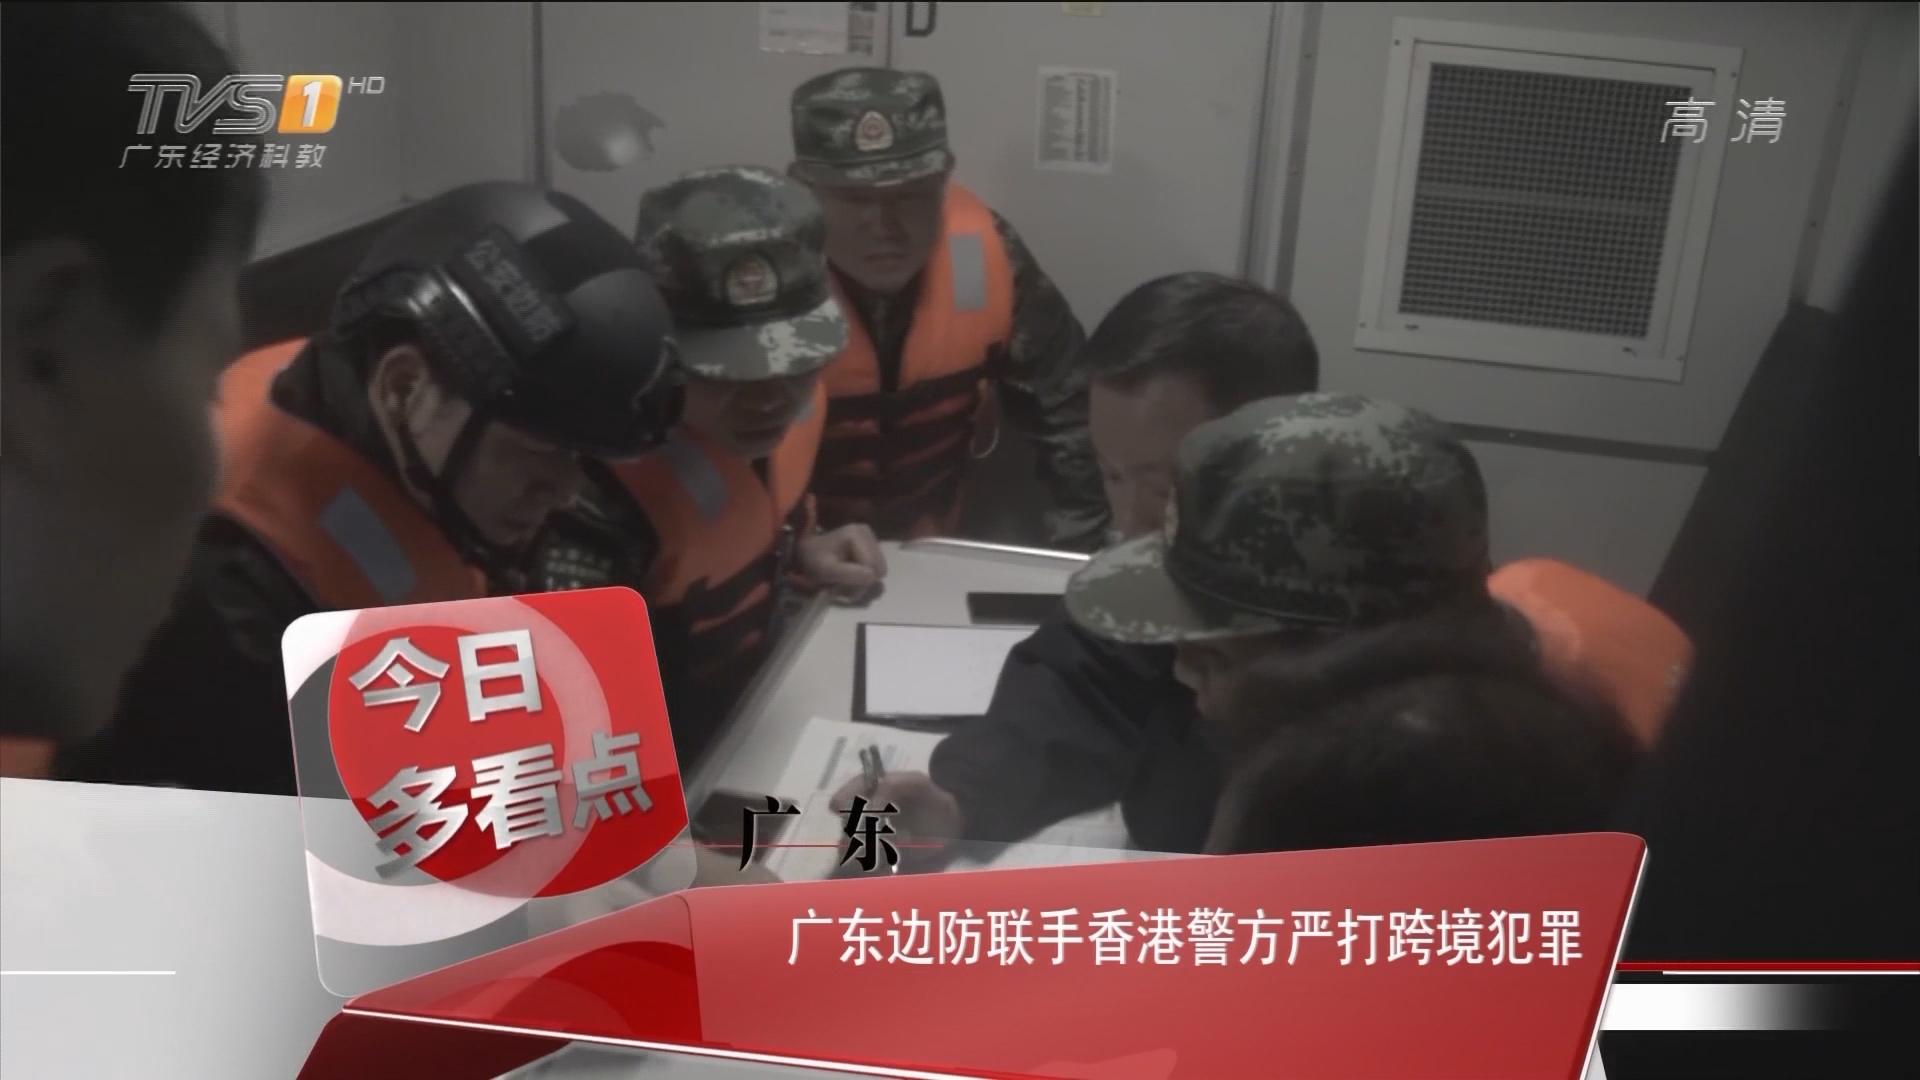 广东:广东边防联手香港警方严打跨境犯罪